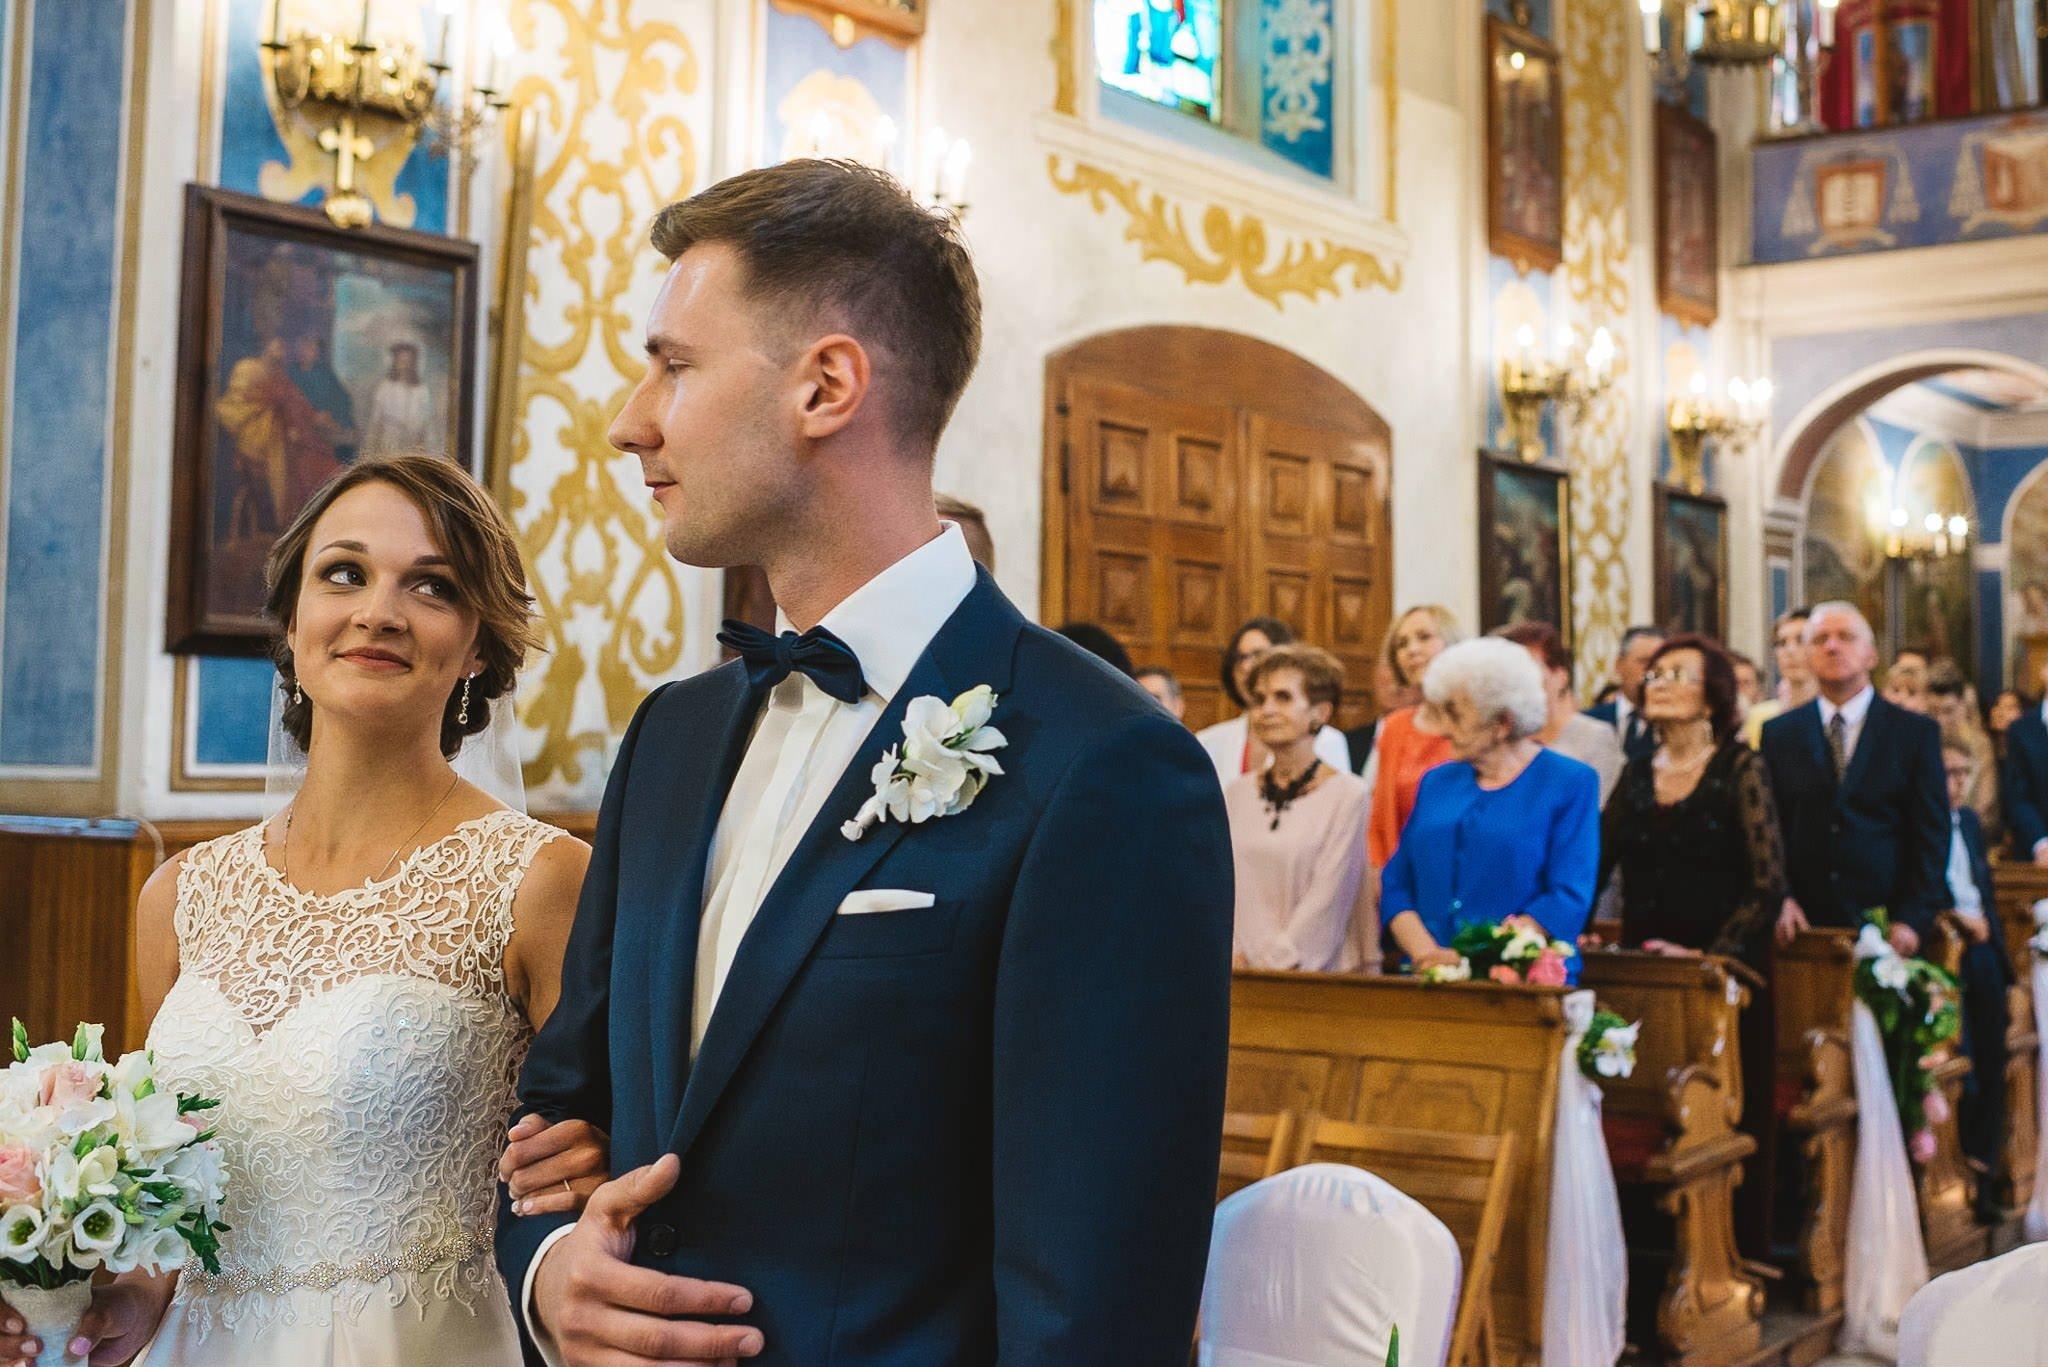 Monika i Michał, wesele w Paryżu i sesja plenerowa w stadninie koni w Czołowie 106